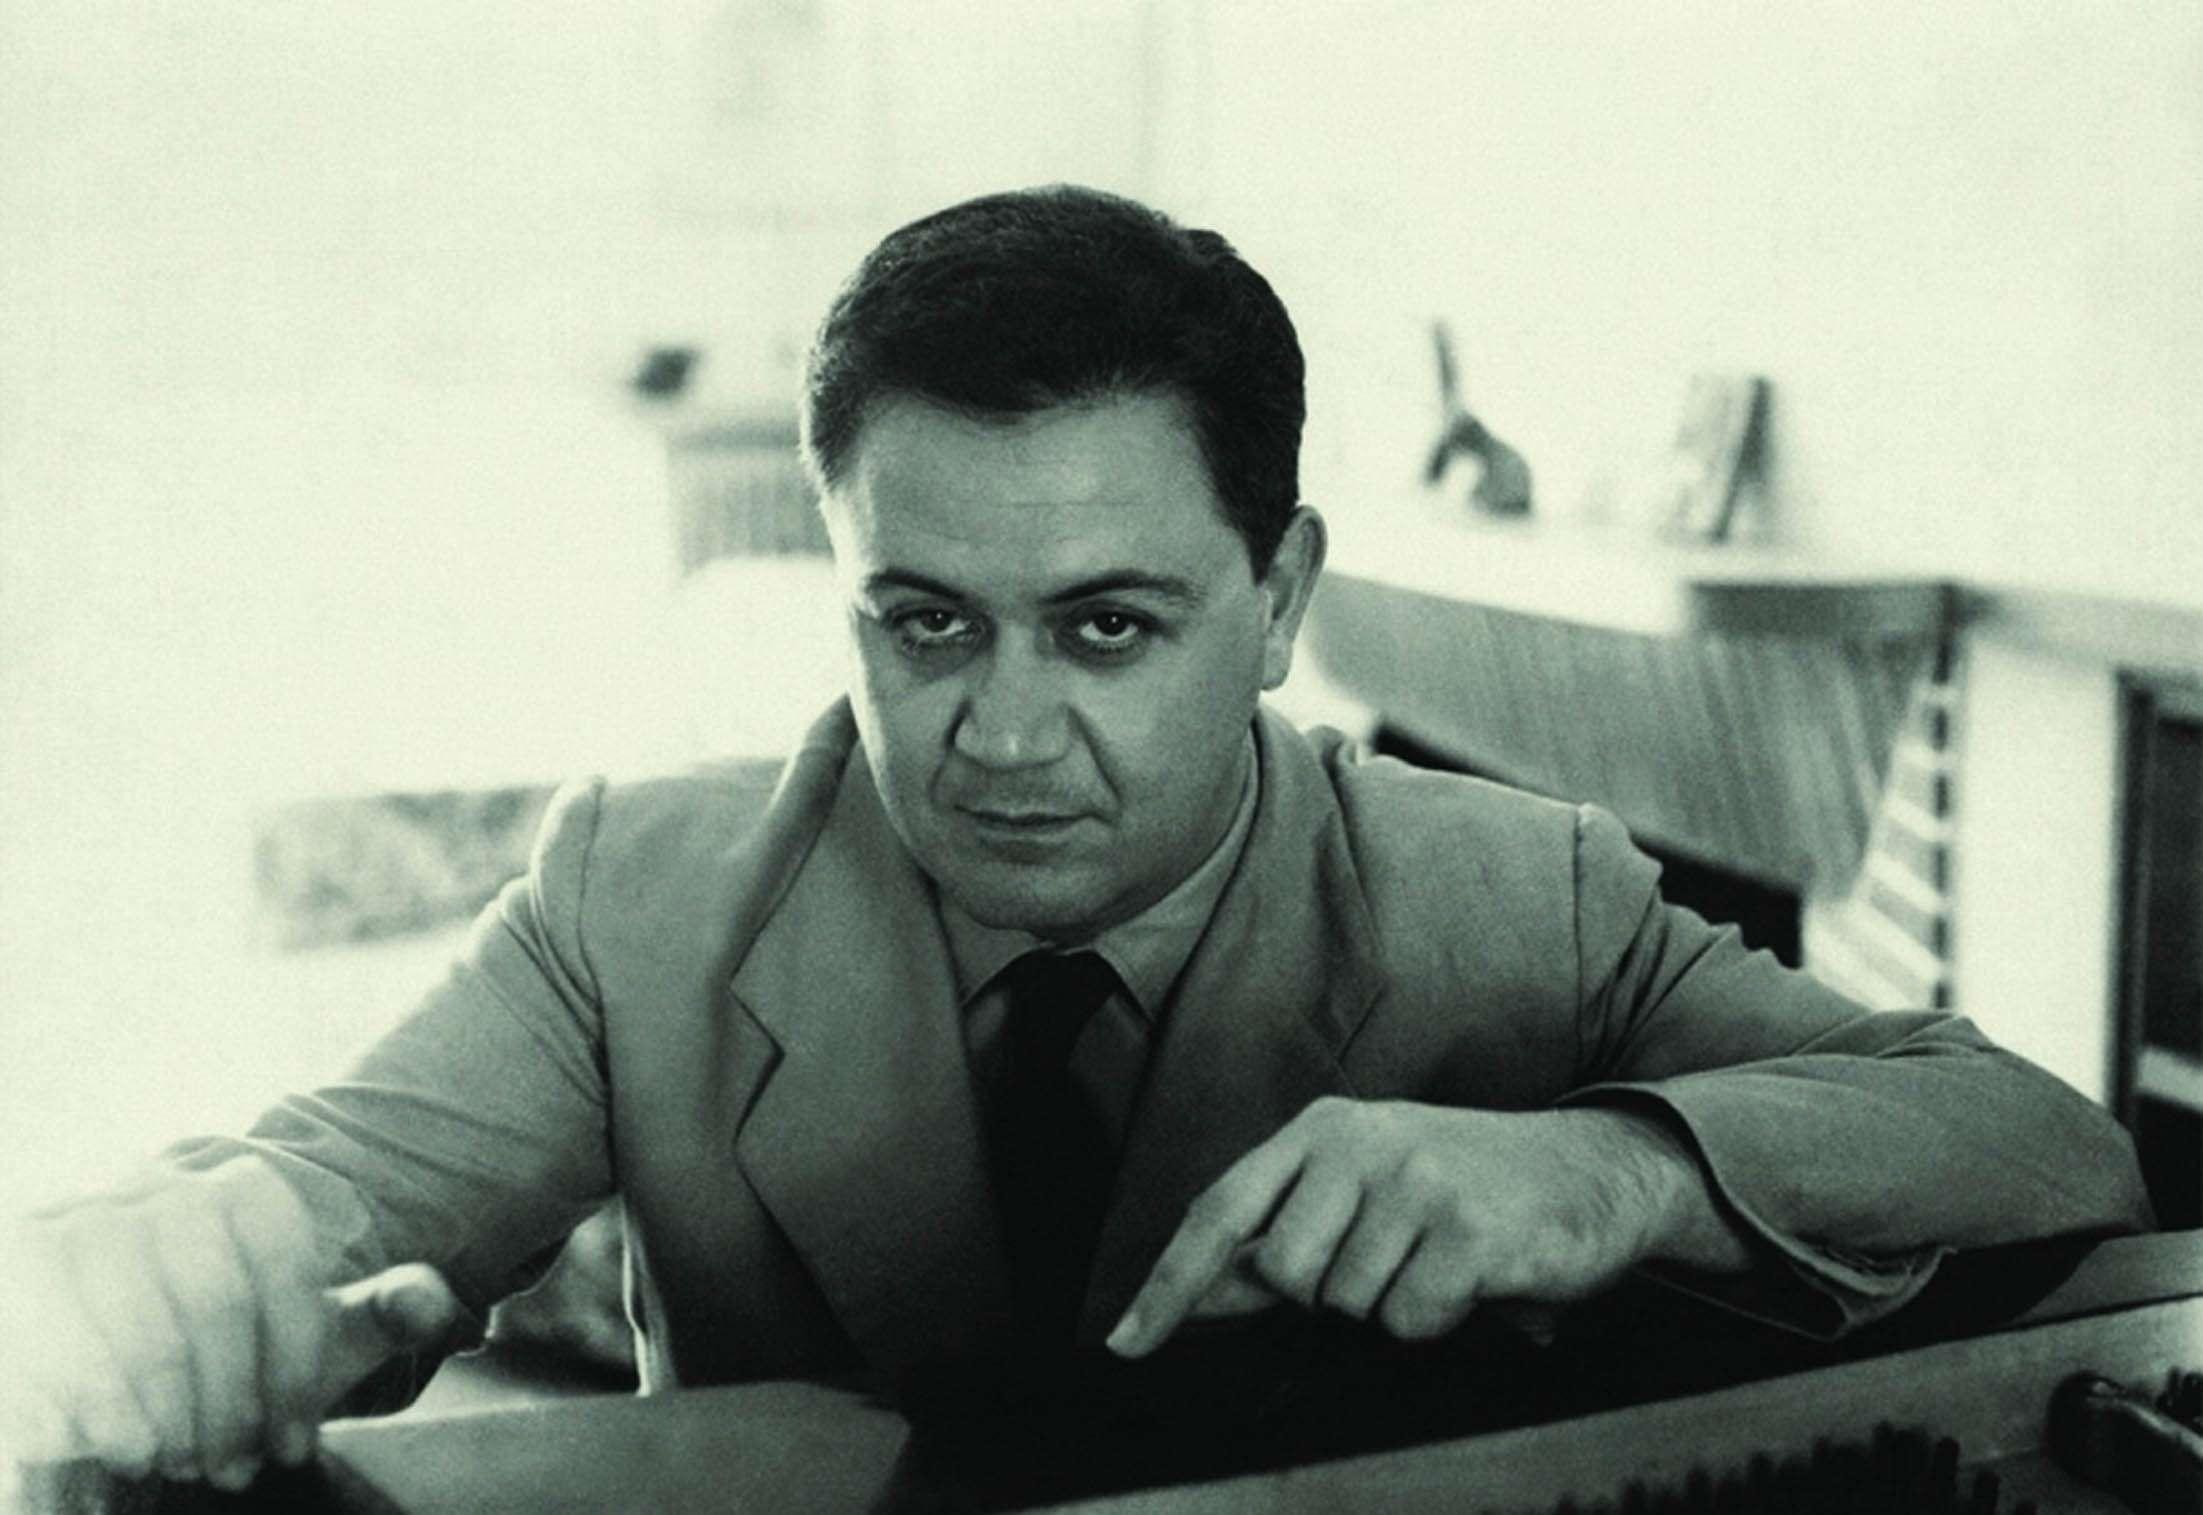 Ο Μάνος (Εμμανουήλ) Χατζιδάκις (Ξάνθη, 23 Οκτωβρίου 1925 – Αθήνα, 15 Ιουνίου 1994) ήταν κορυφαίος Έλληνας συνθέτης και ποιητής. Είναι Βραβευμένος με Βραβείο Όσκαρ.